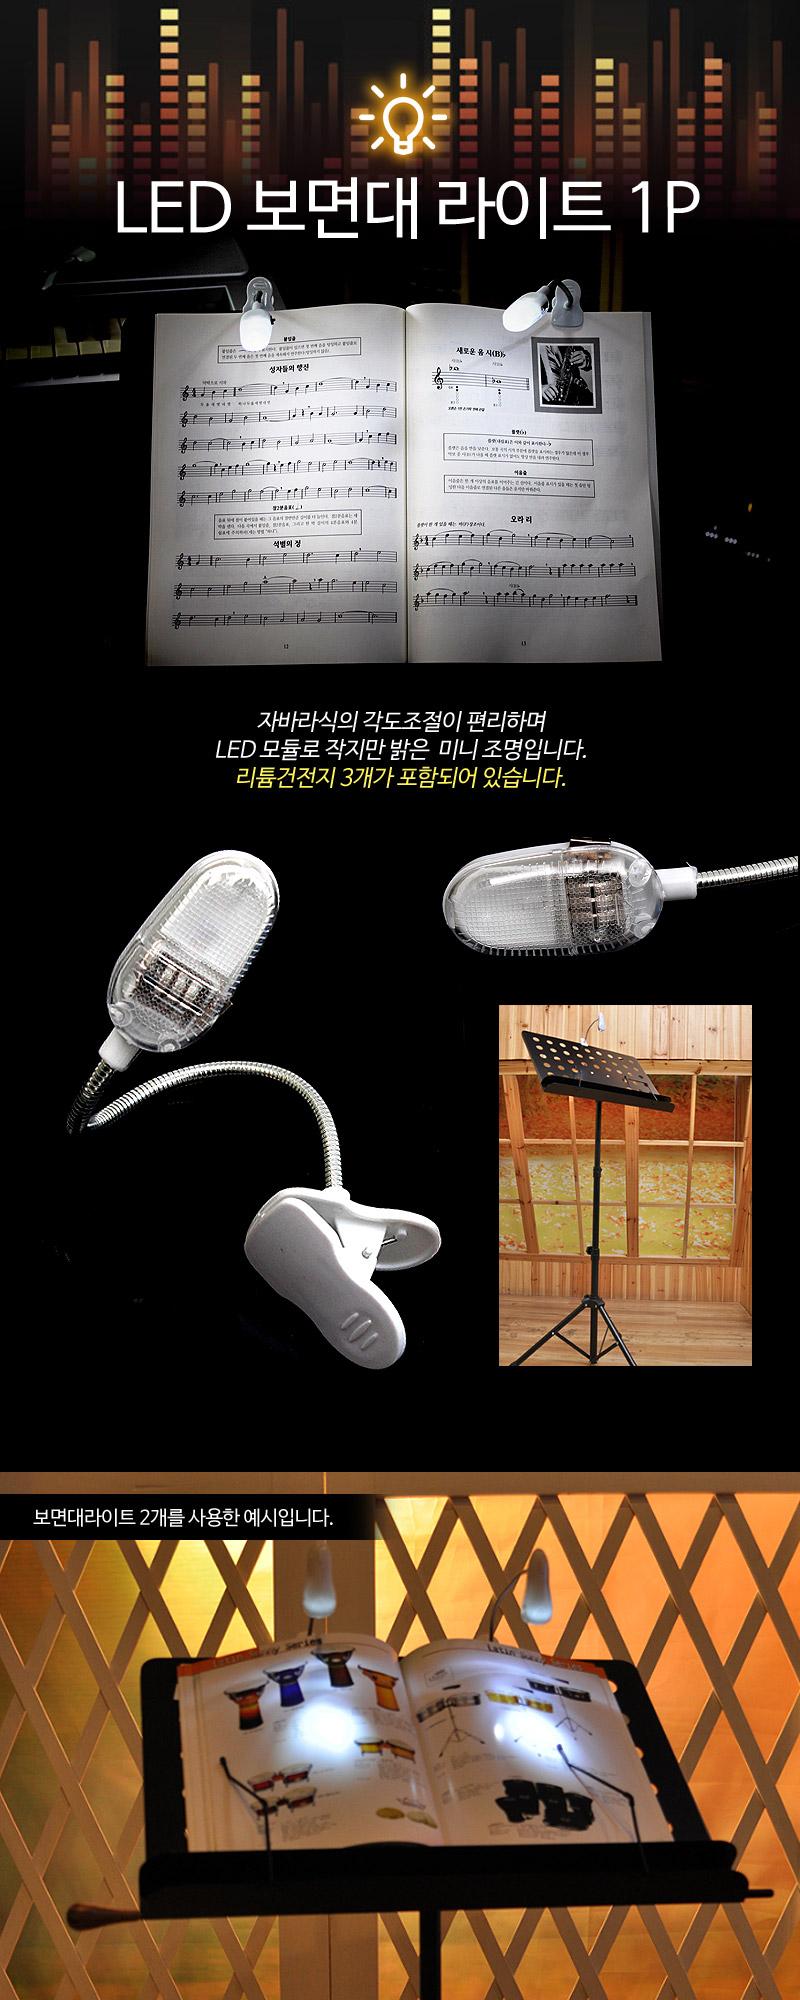 보면대라이트 LED램프 건전지무료증정 섹소폰 - 포스트레이딩, 2,200원, 관악기, 호른/색소폰/트럼펫